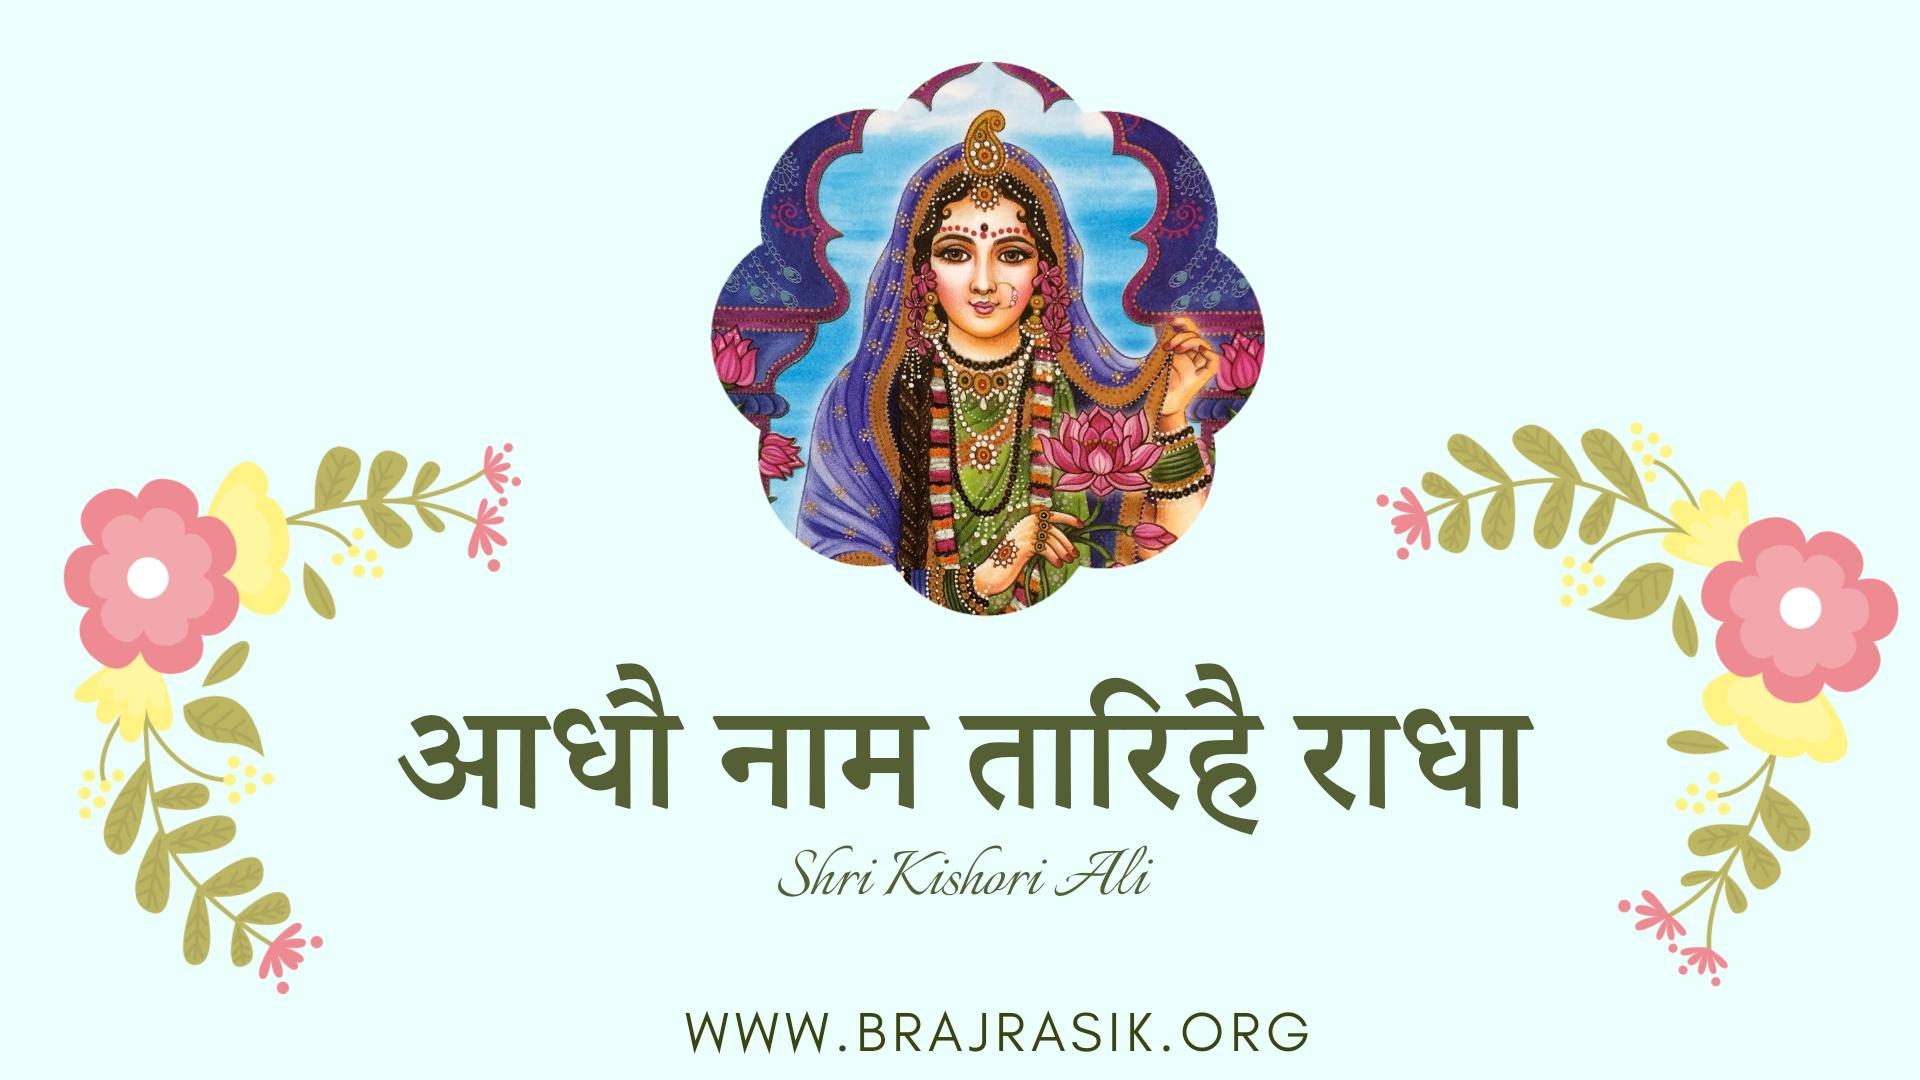 Aadhau Nam Tarihe Radha - Shri Kishori Ali